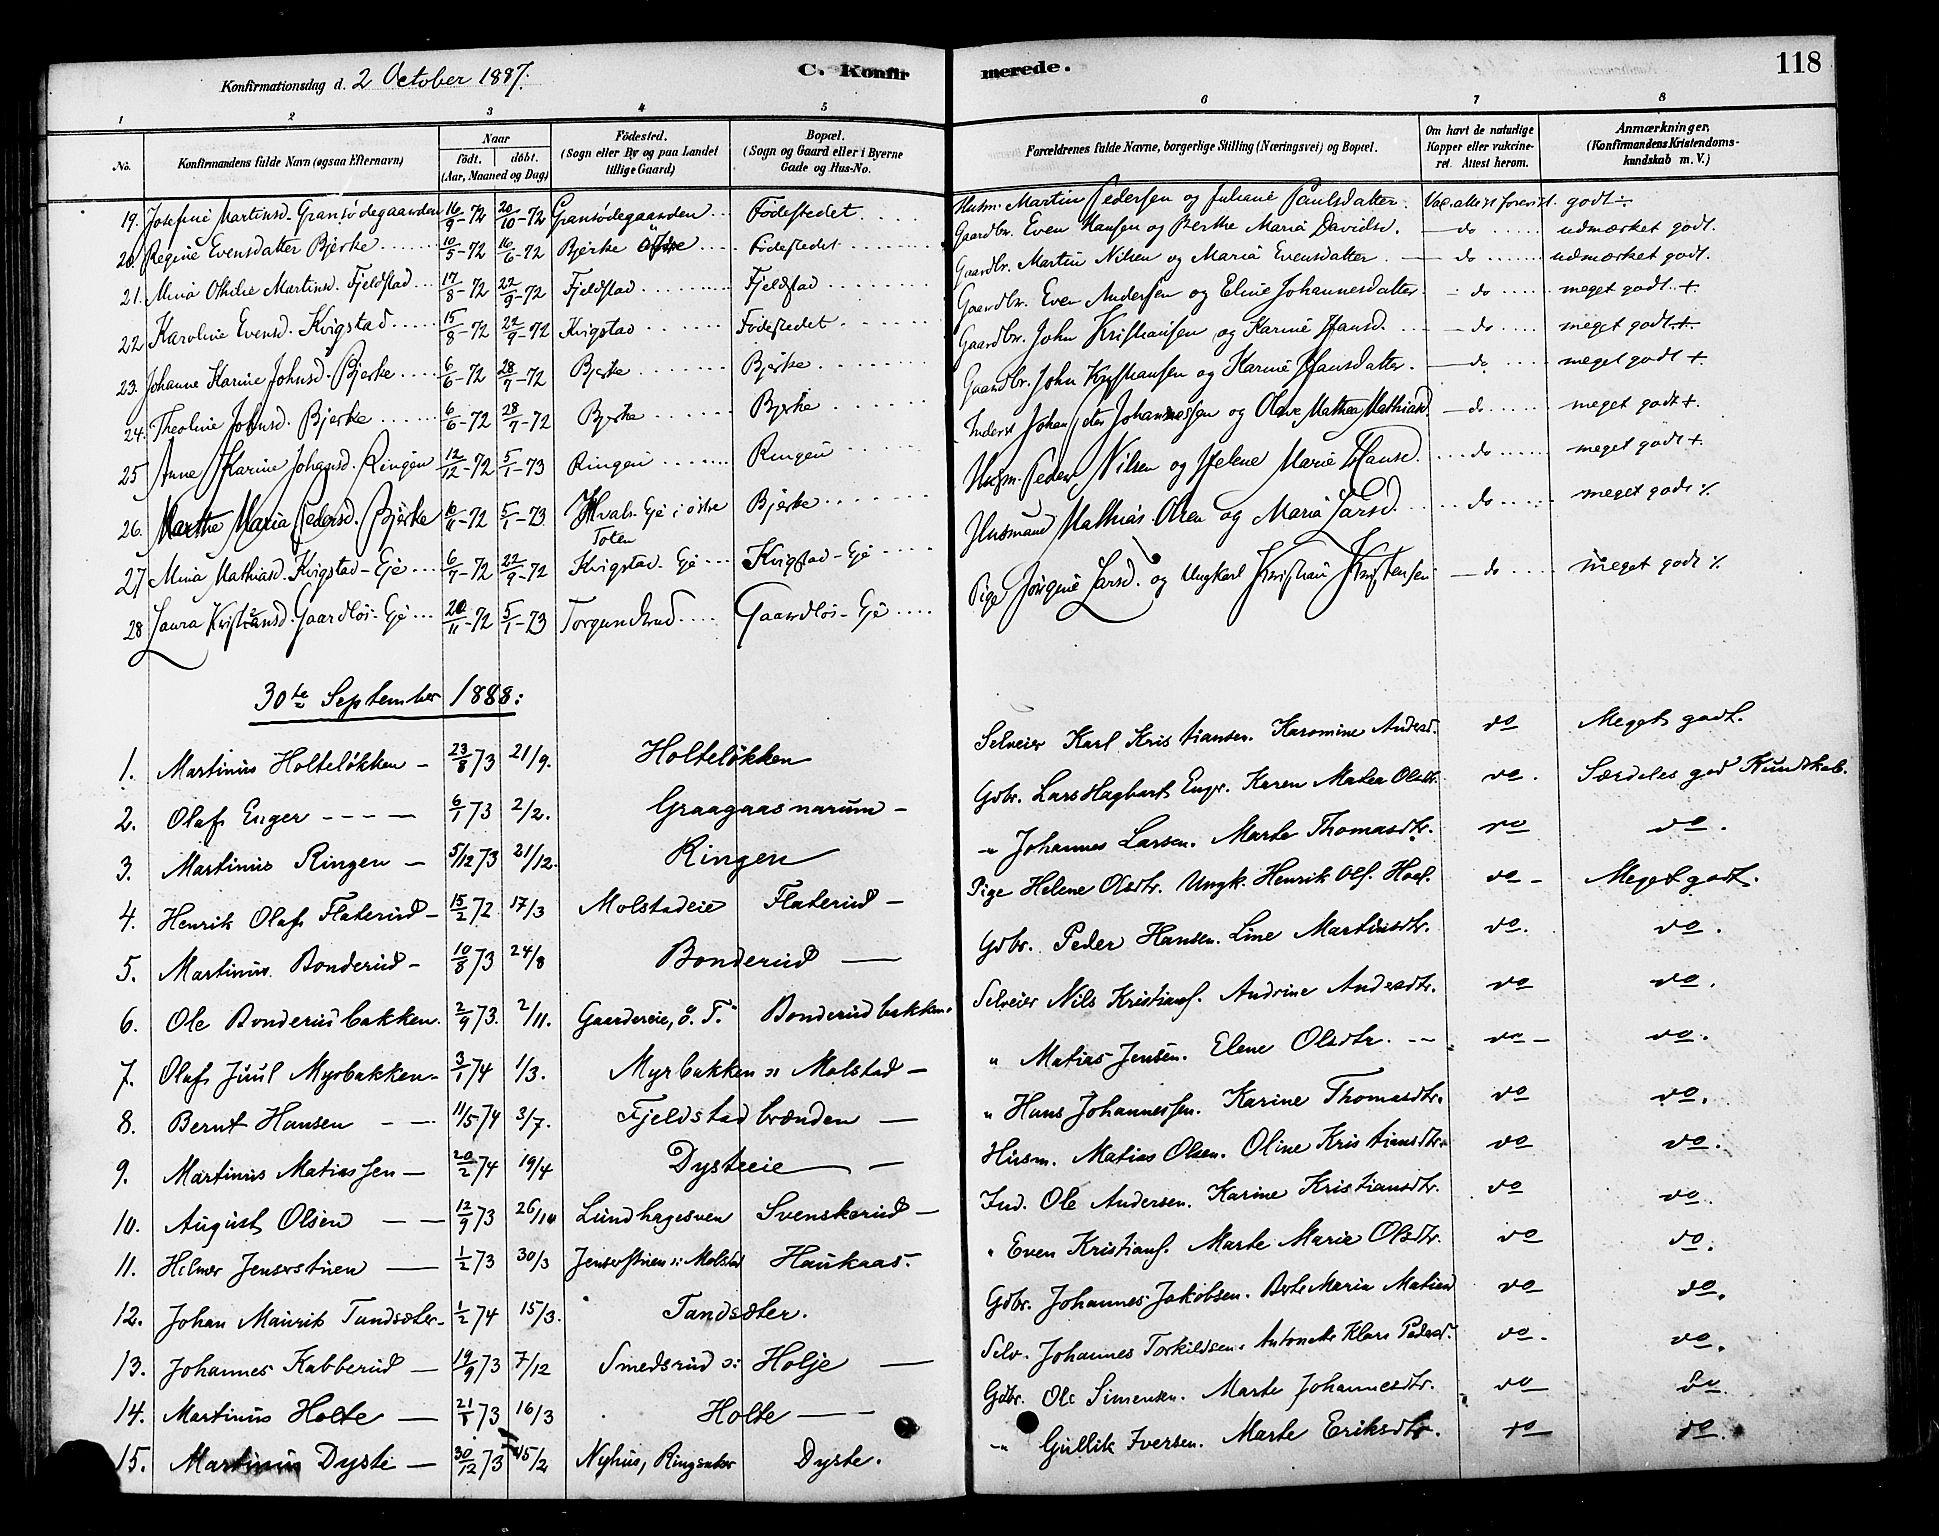 SAH, Vestre Toten prestekontor, Ministerialbok nr. 10, 1878-1894, s. 118